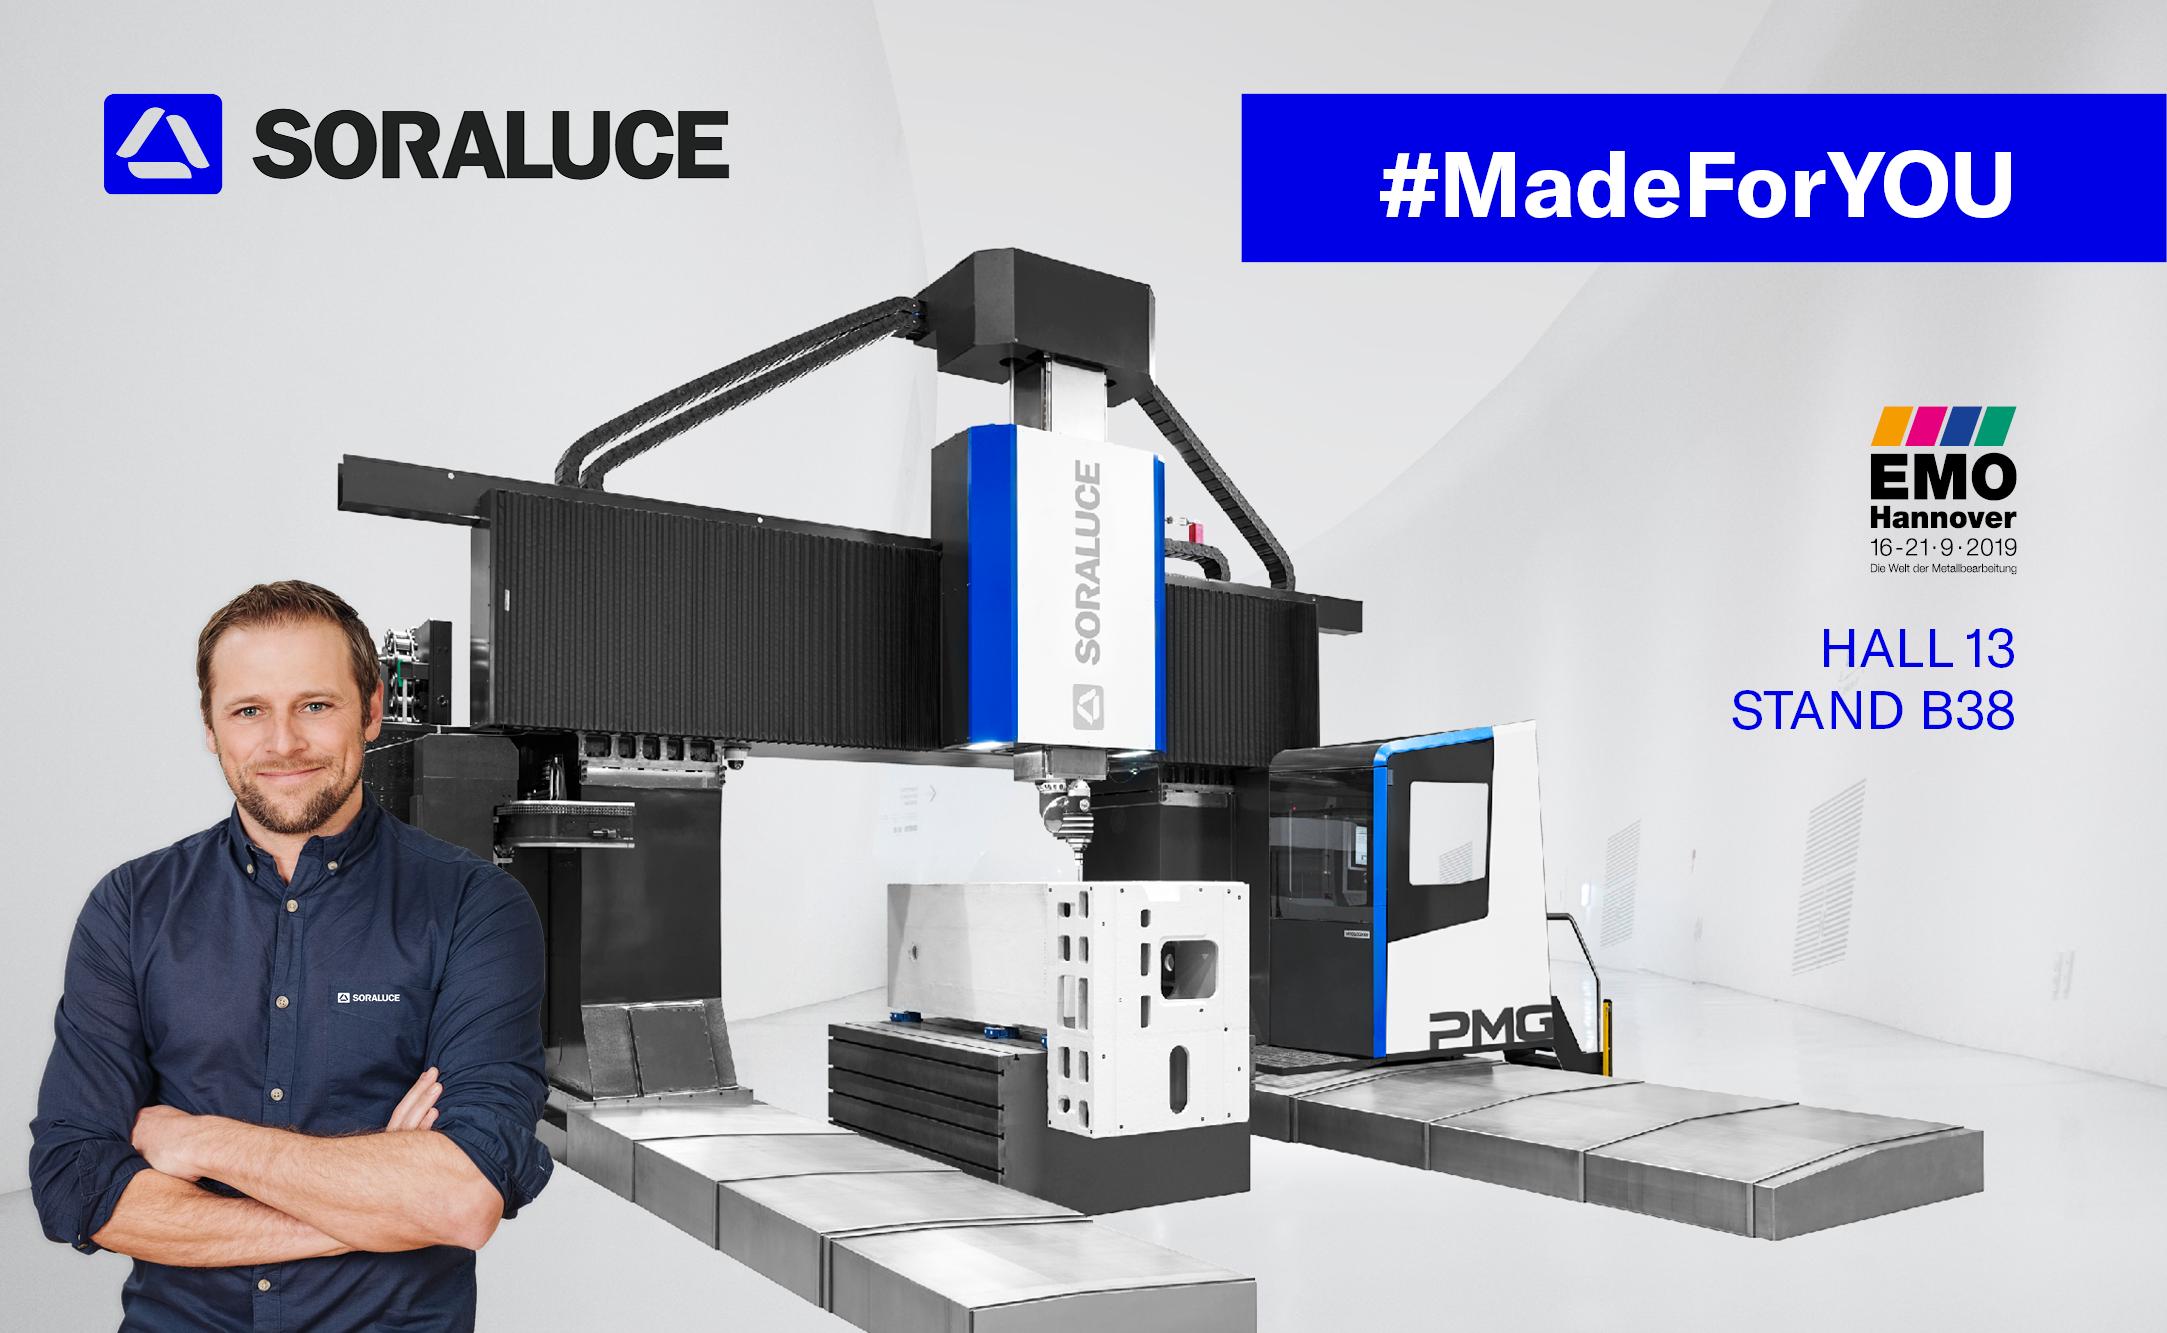 #MadeForYOU - Soraluce crea valor en la actividad cotidiana de sus clientes